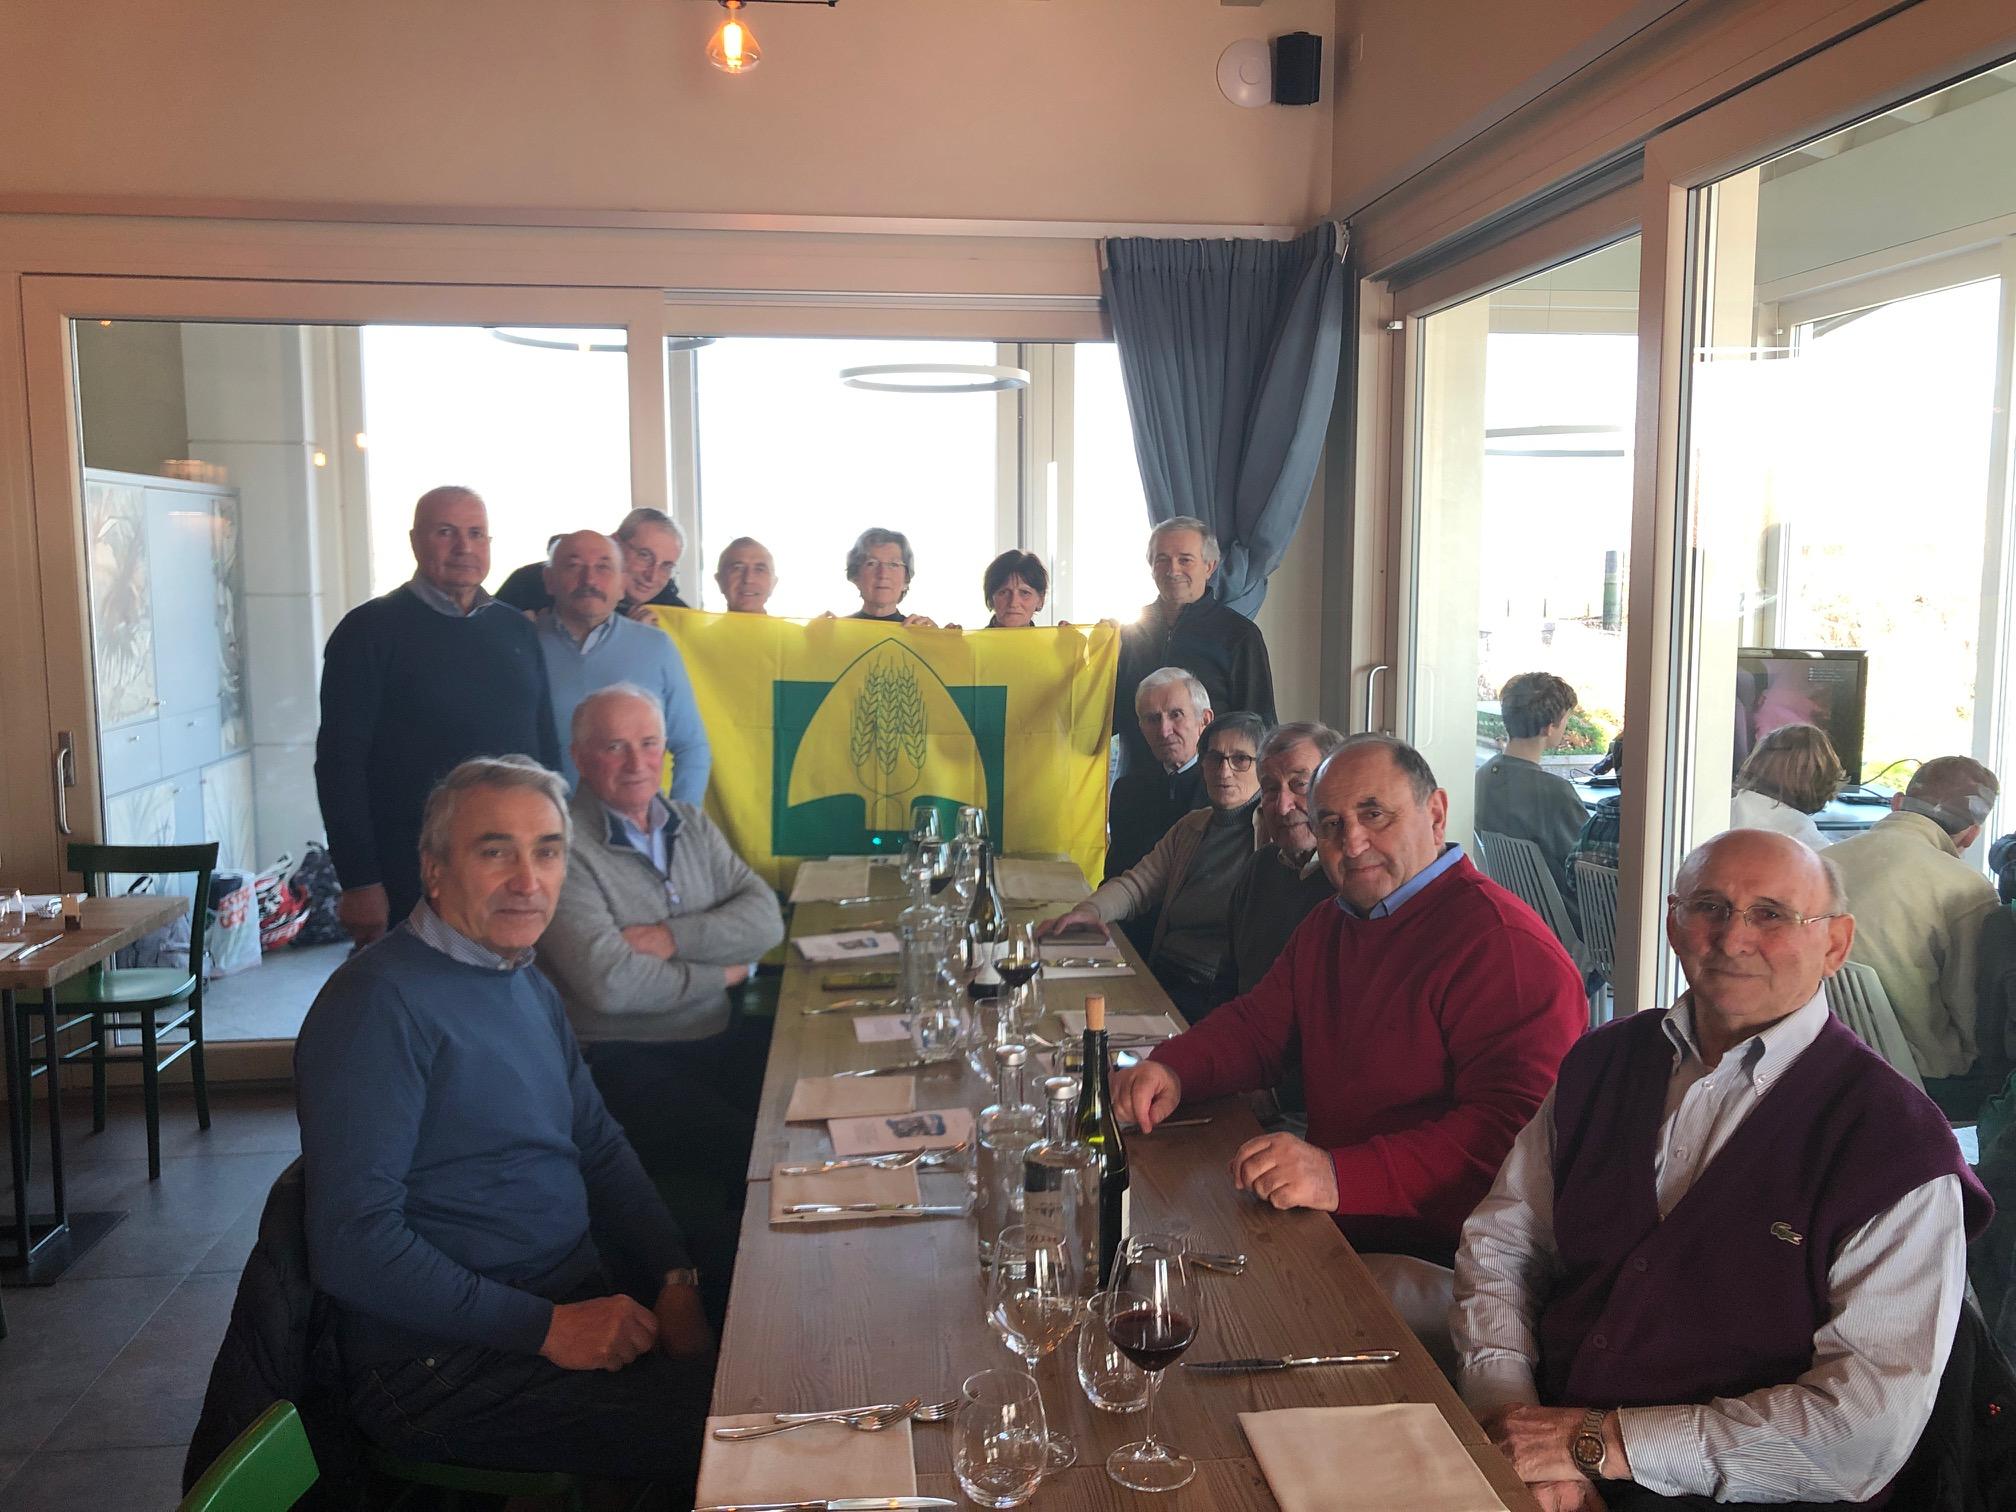 Gruppo Senior, l'incontro natalizio al Colmetto di Rodengo Saiano